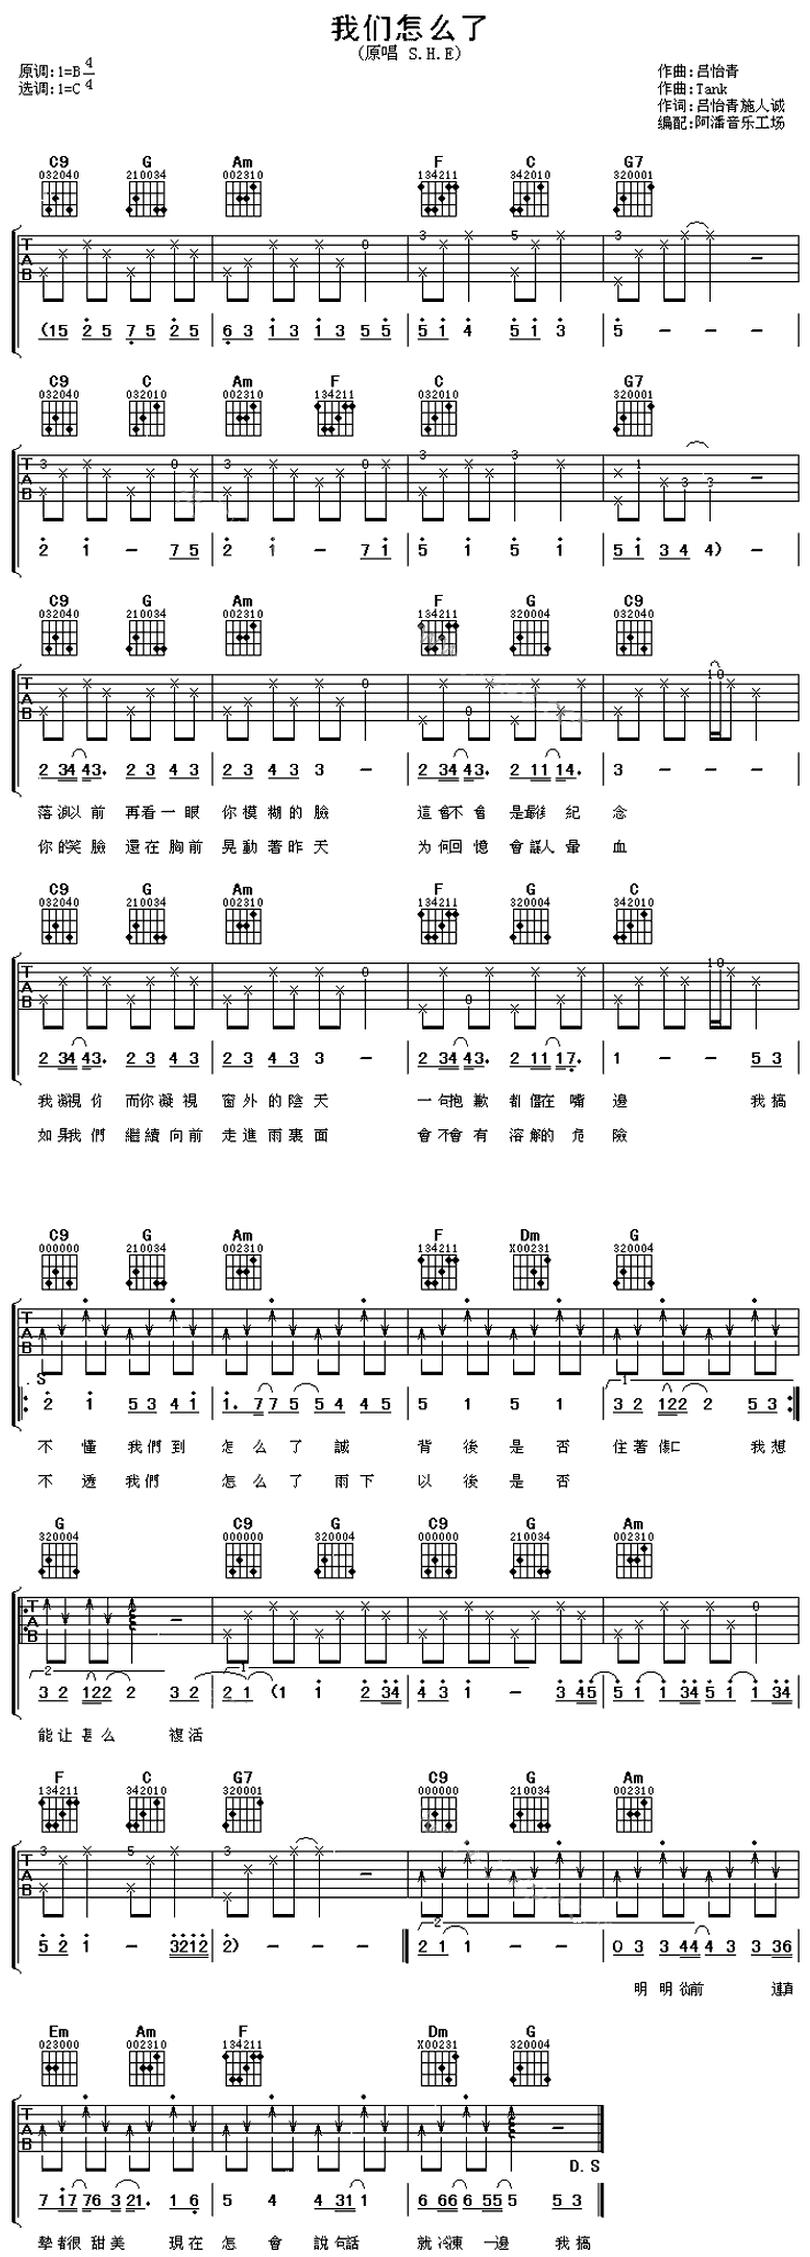 我們怎麼了 - S.H.E - 吉他譜 - Chord4